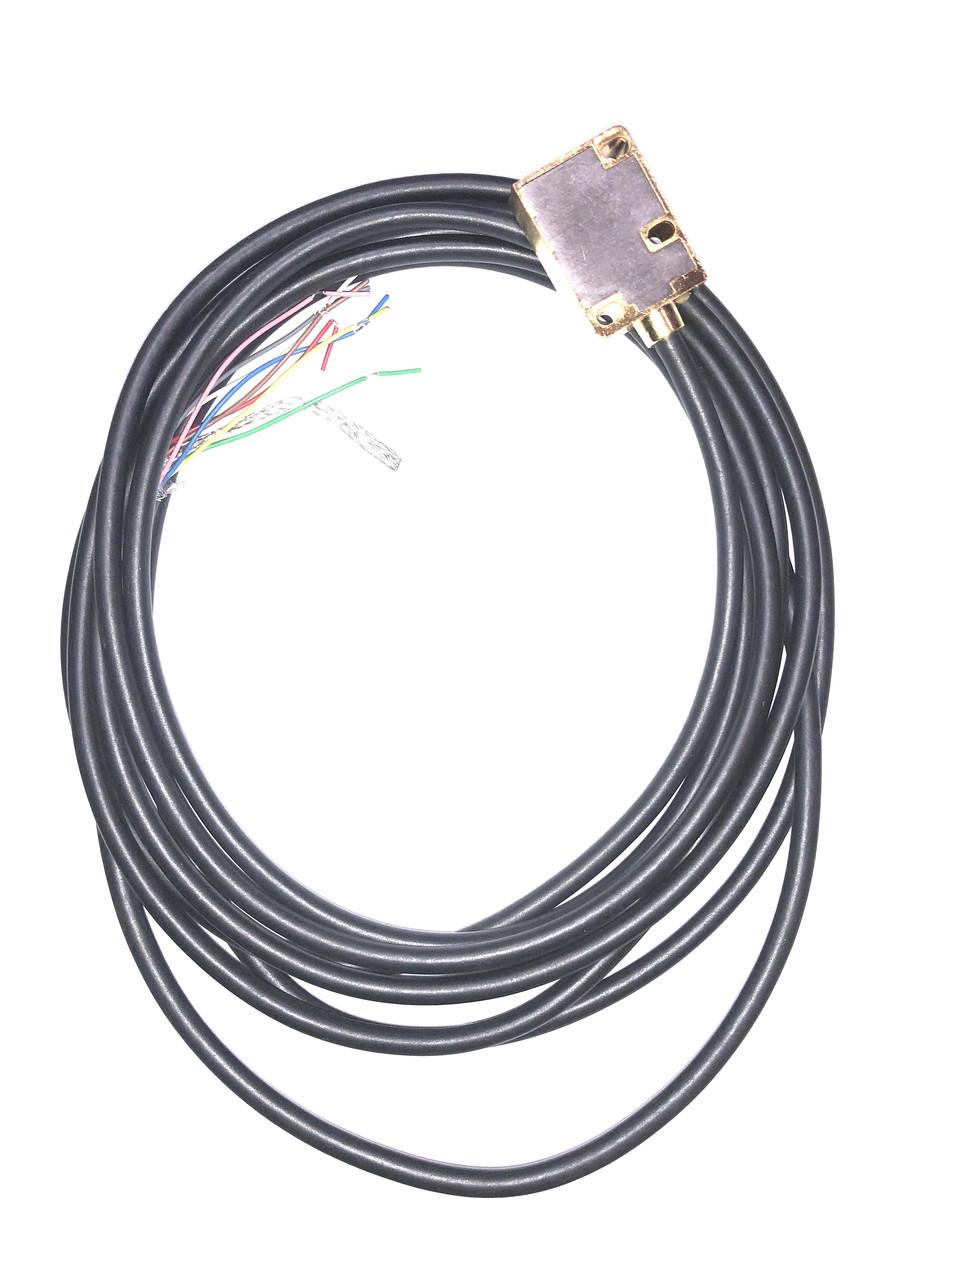 Считывающая головка МR-500C-3T15